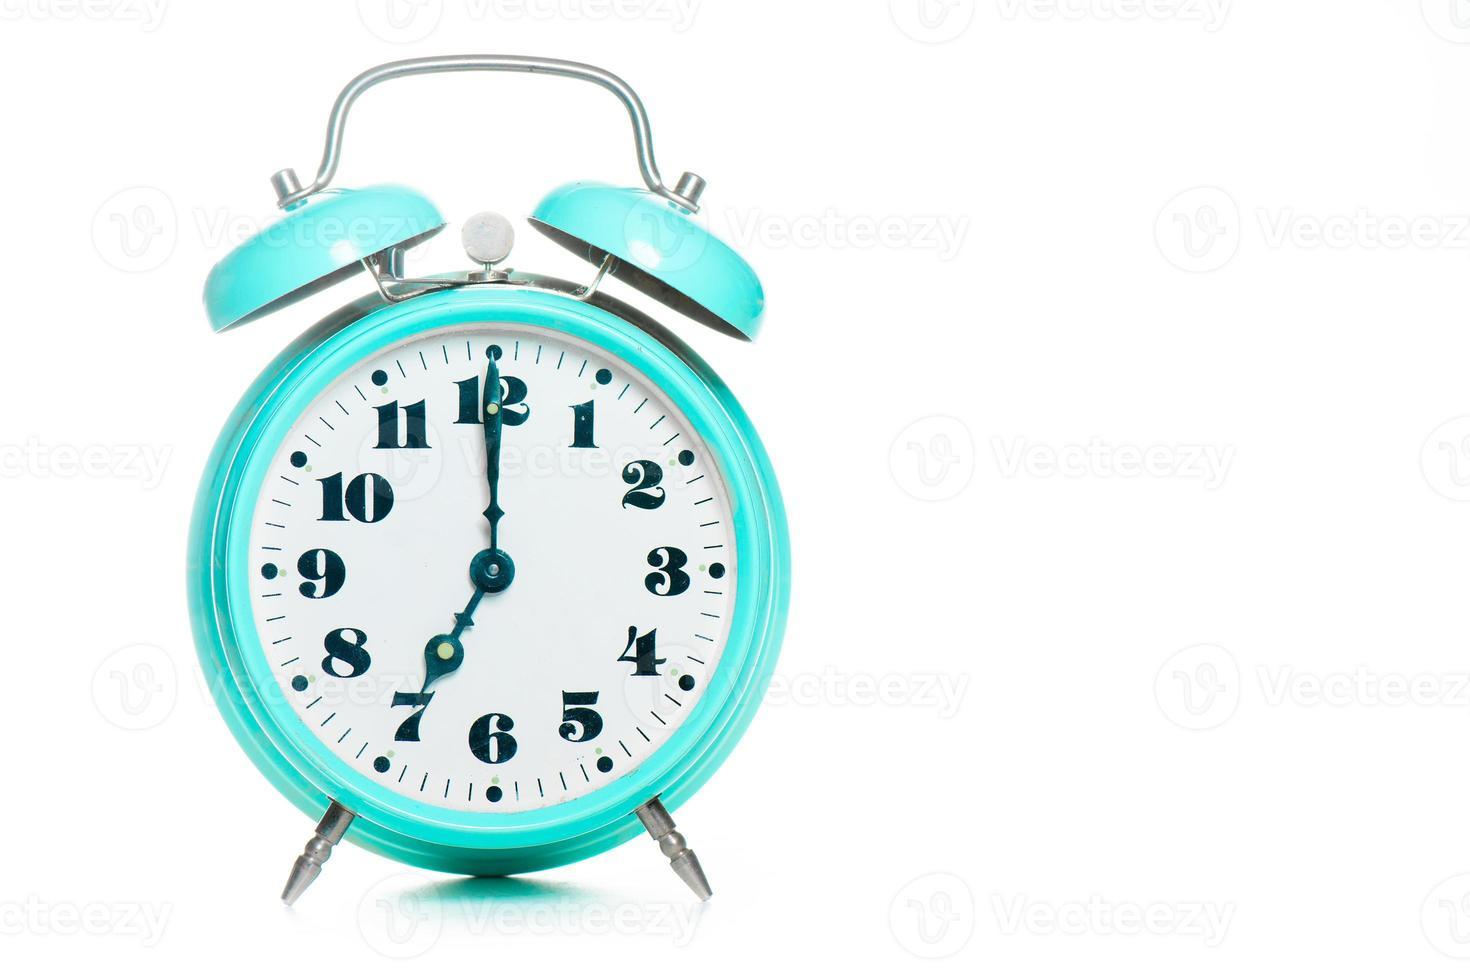 Reloj despertador de mesa clásico en color verde sobre un fondo blanco. foto